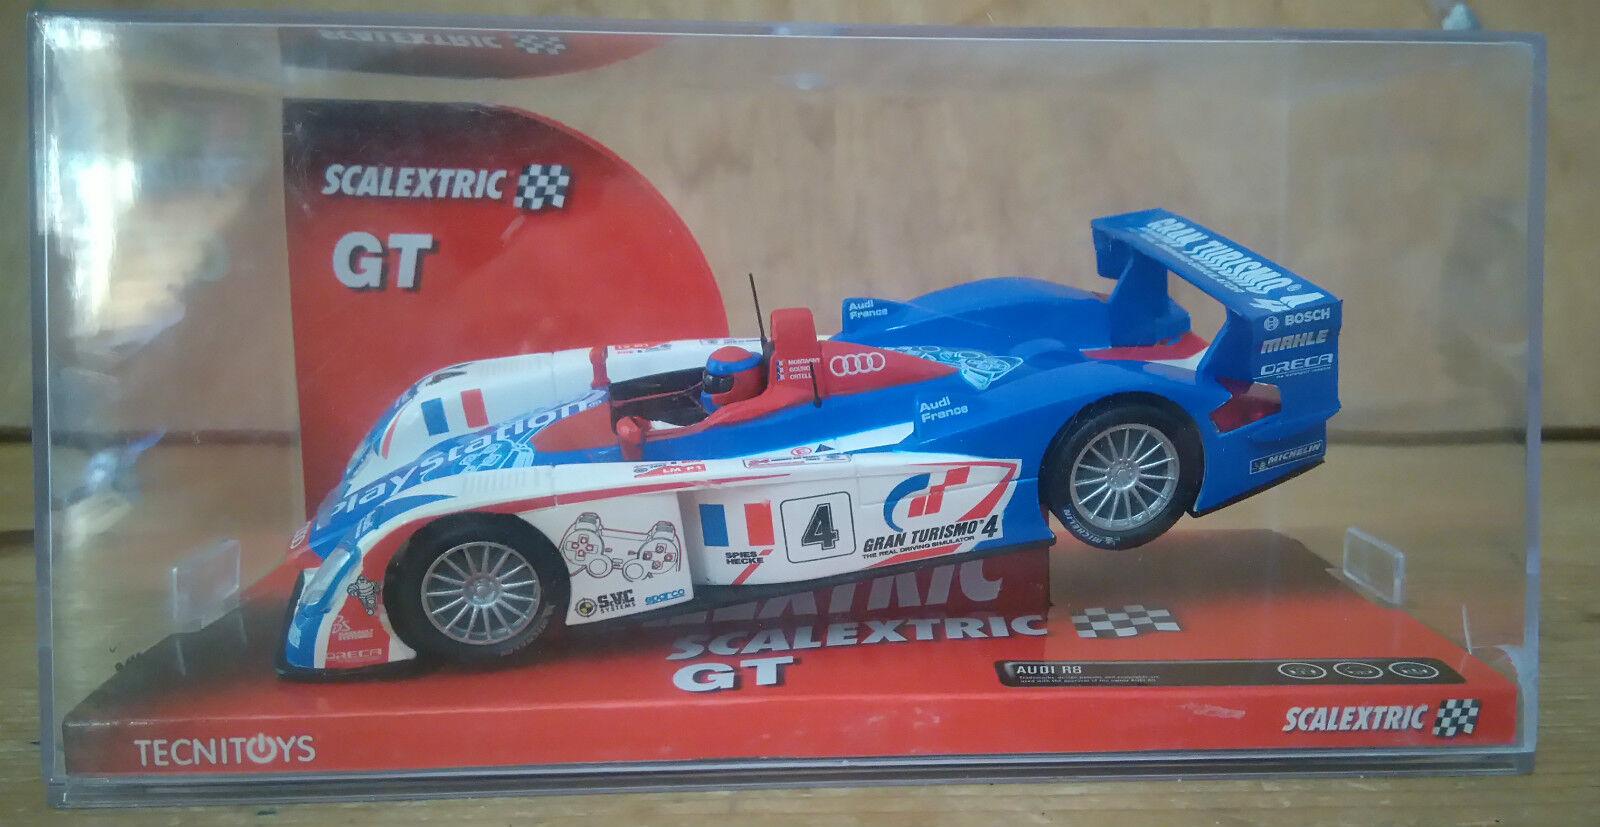 Scx no. 6333-Audi R8 Playstation Team Oreca-Le Mans 2005-escala 1 32 - Nuevo